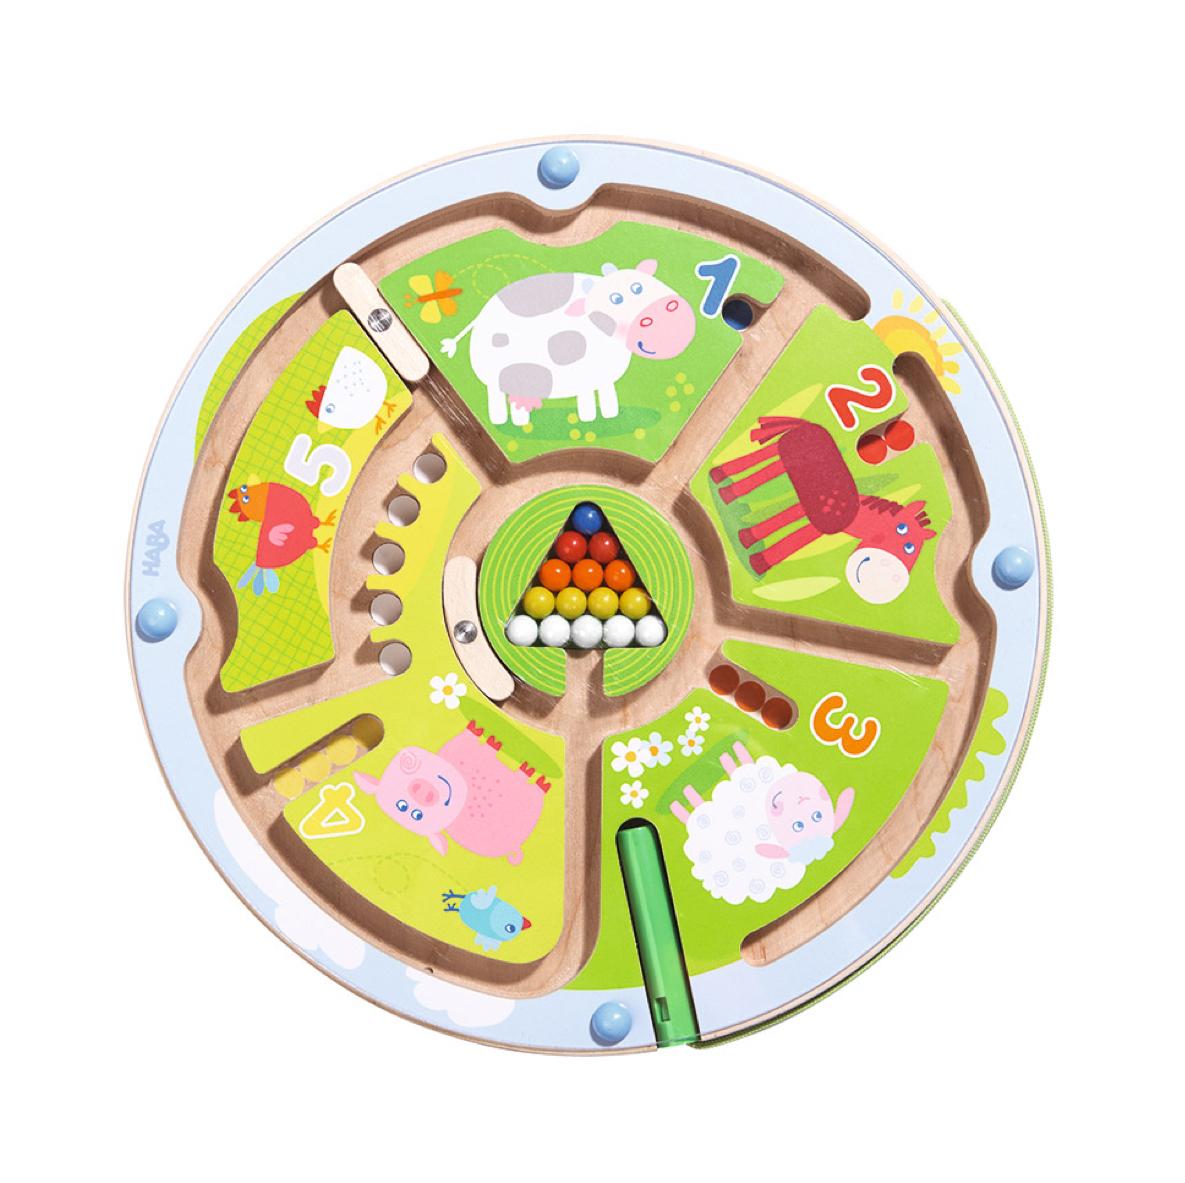 juego-magnetico-el-laberinto-de-los-numeros-haba-el-mundo-de-mico